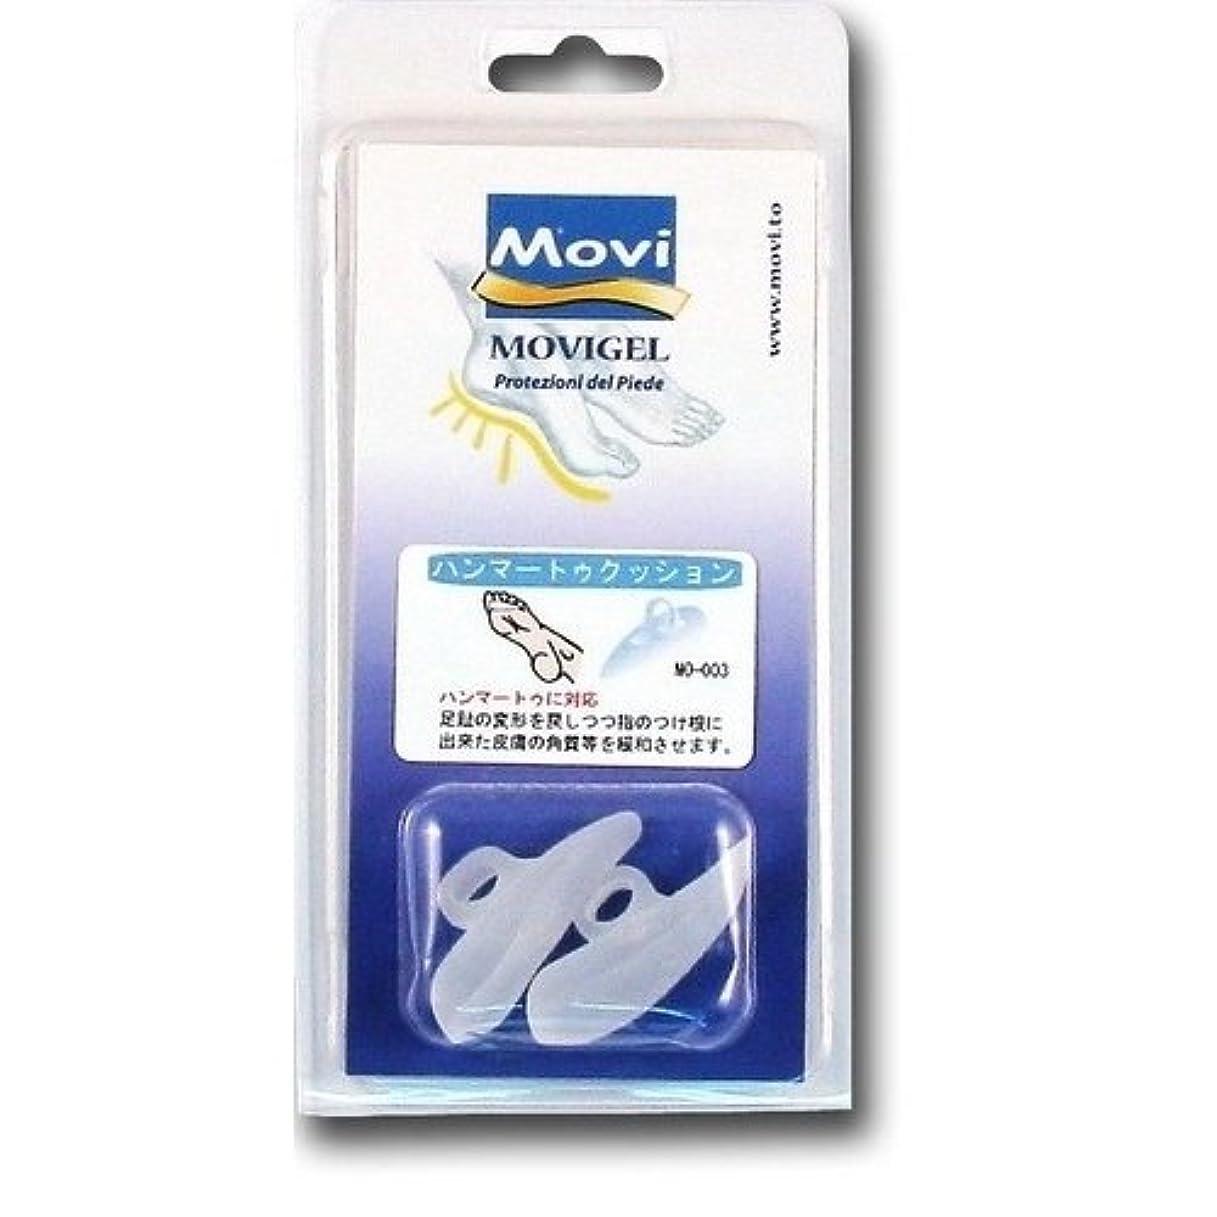 MOVI ハンマートゥクッションS MO-003